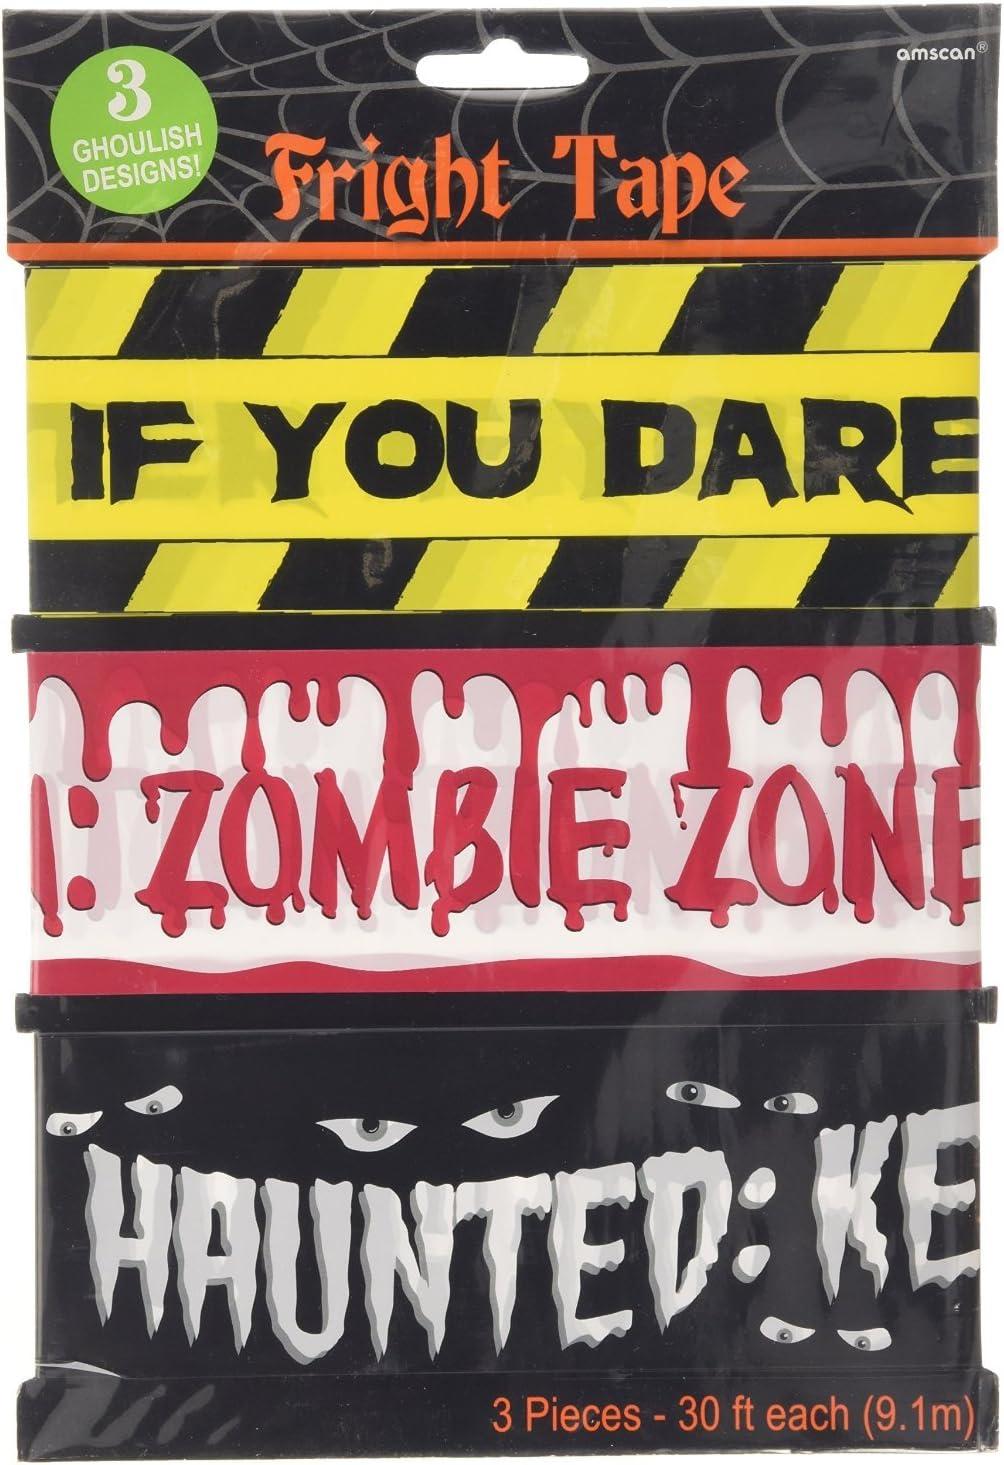 Groupe TK Timo Klingler 1x Ruban de Protection Bande de barri/ère de Sang 6.1 m/ètres ALS D/écoration Halloween D/écoration Halloween Party Caution Zombie Zone